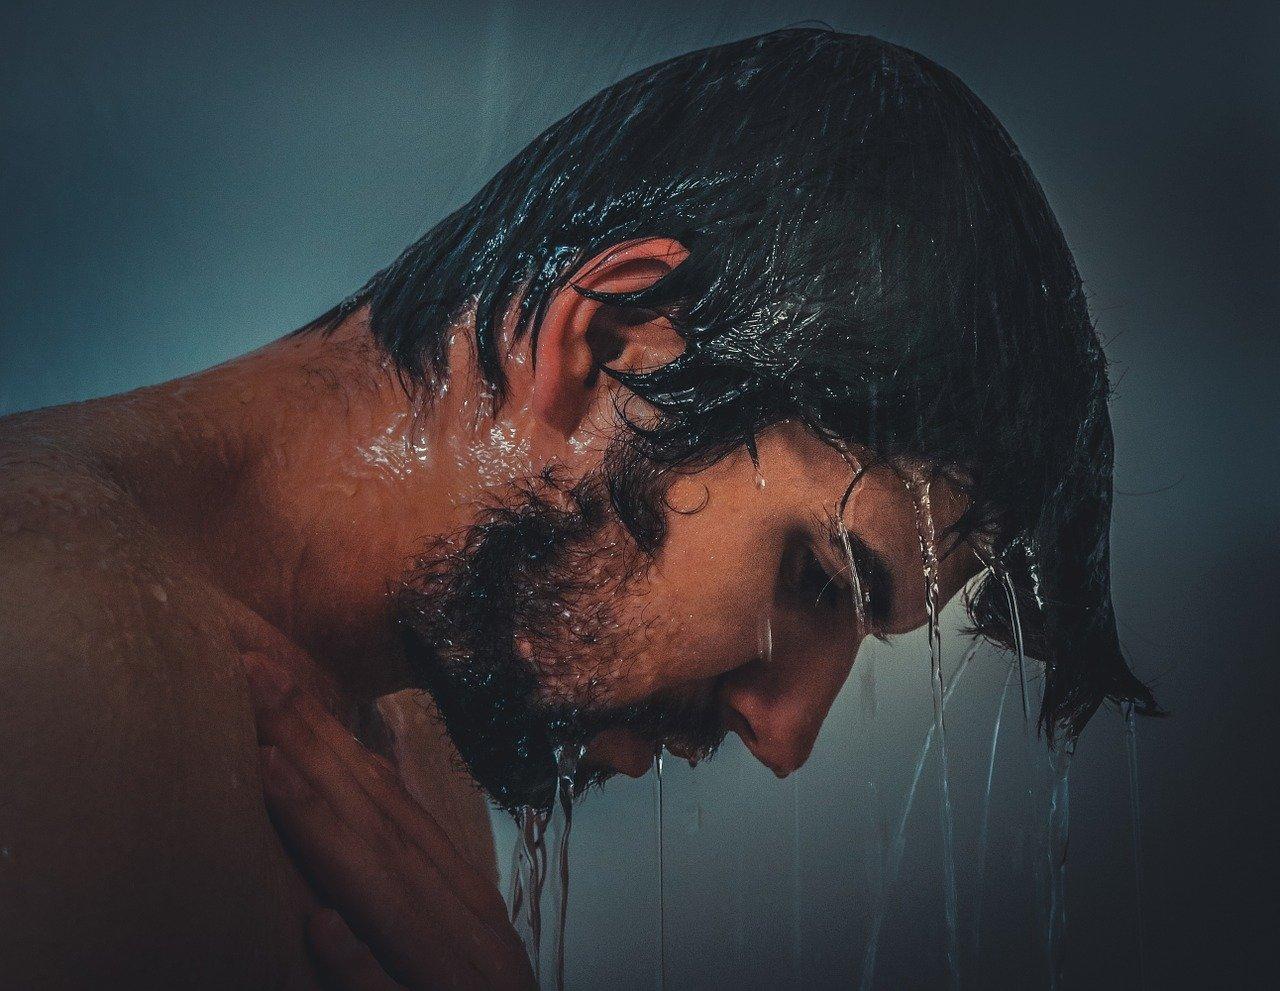 Prysznic po przebudzeniu czy kąpiel przed snem?